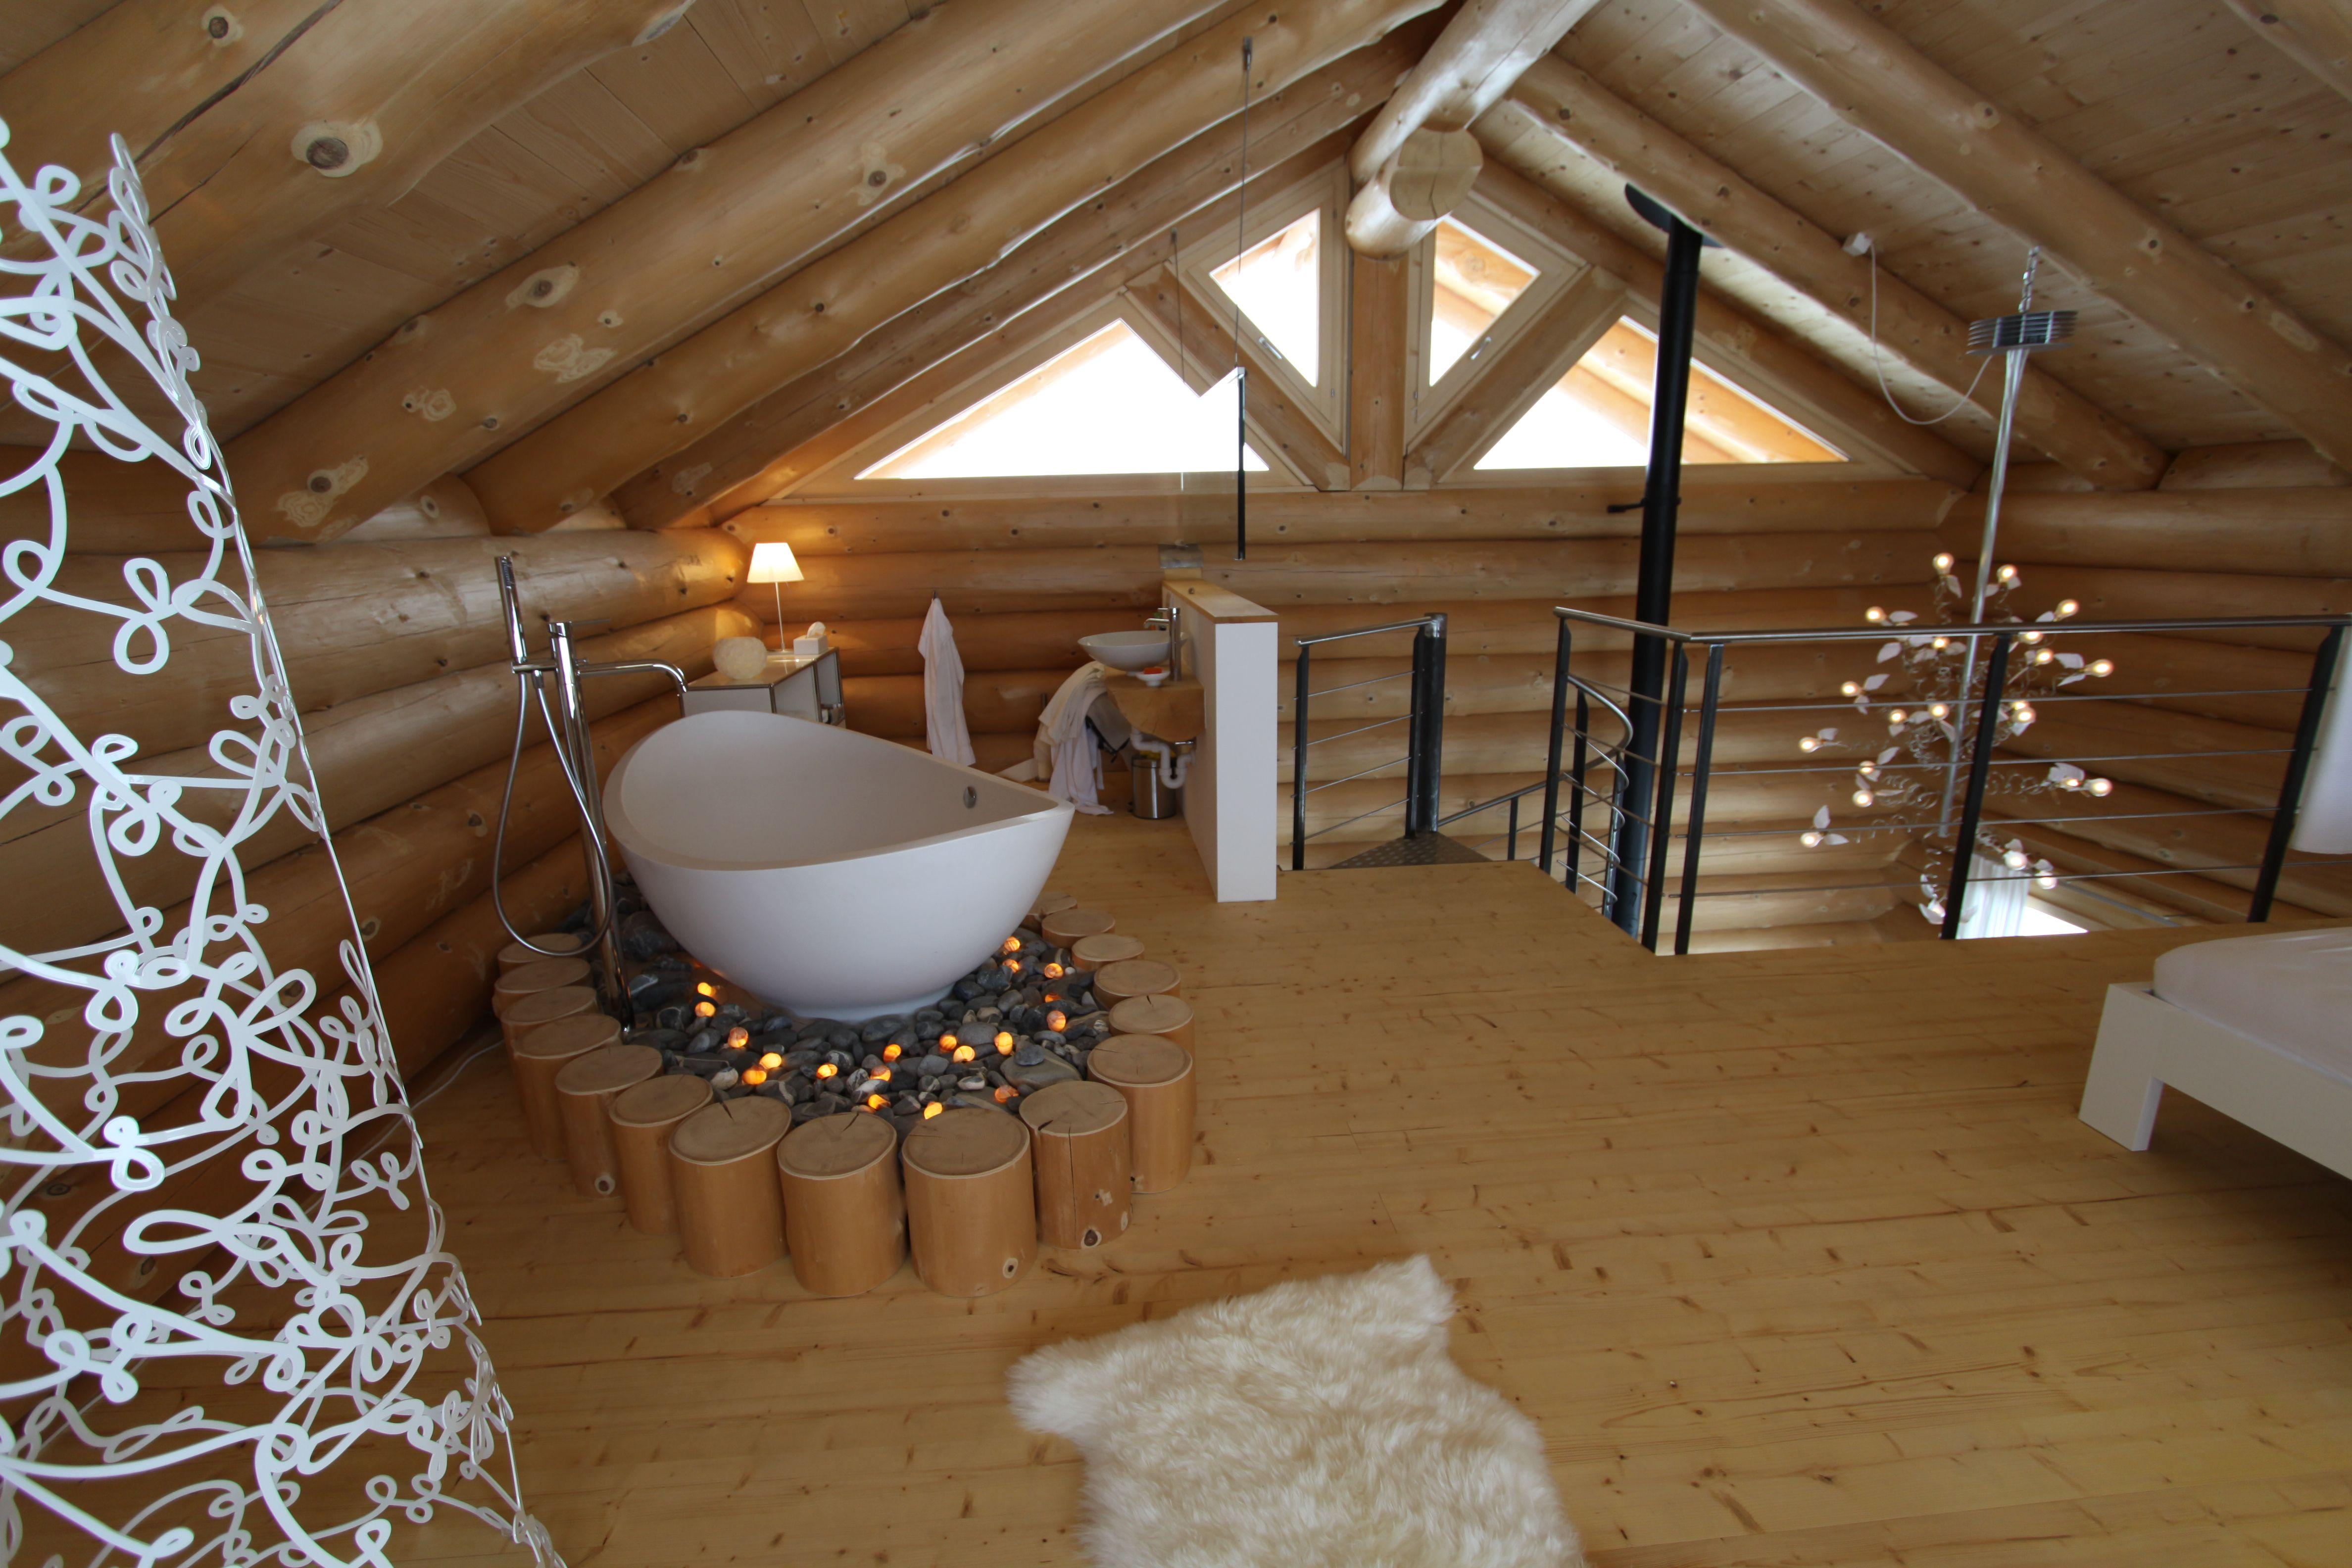 Die Lavasca Mini Badewanne Samt Freistehender Gessi Armatur, Eingebaut In  Einem Ferienhaus In Blockhaus Stil